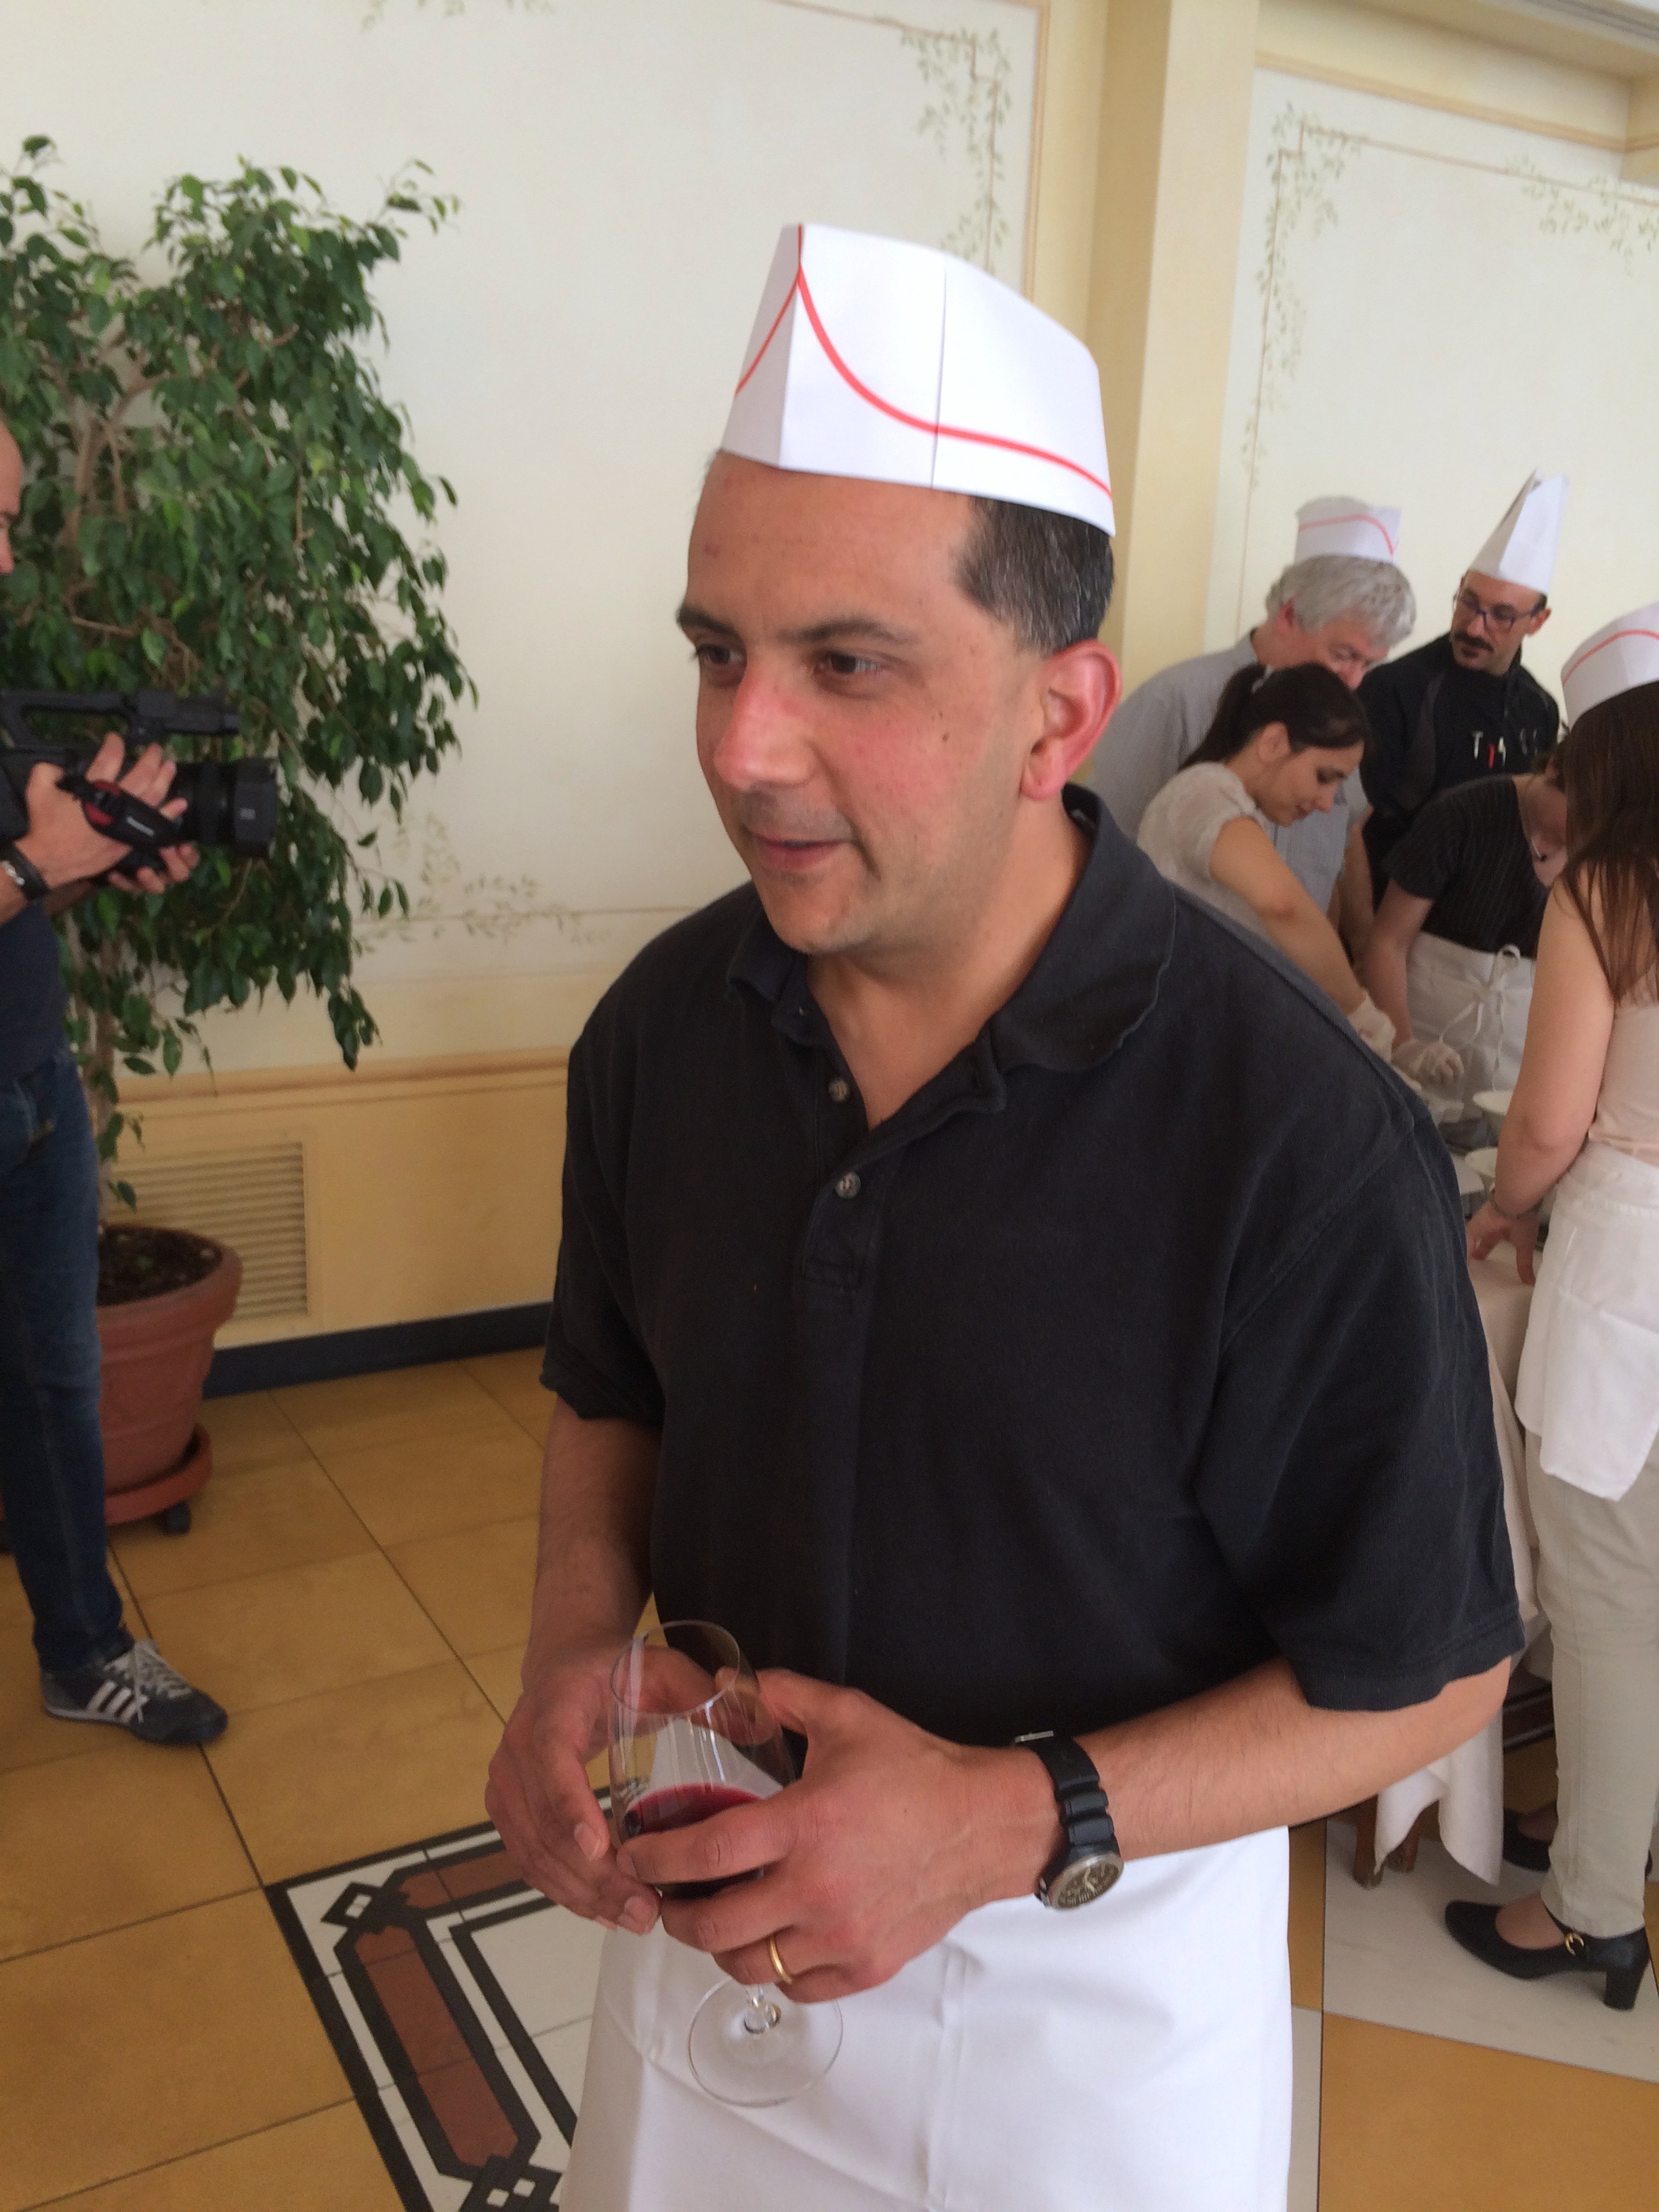 Vivek cooks Italian.